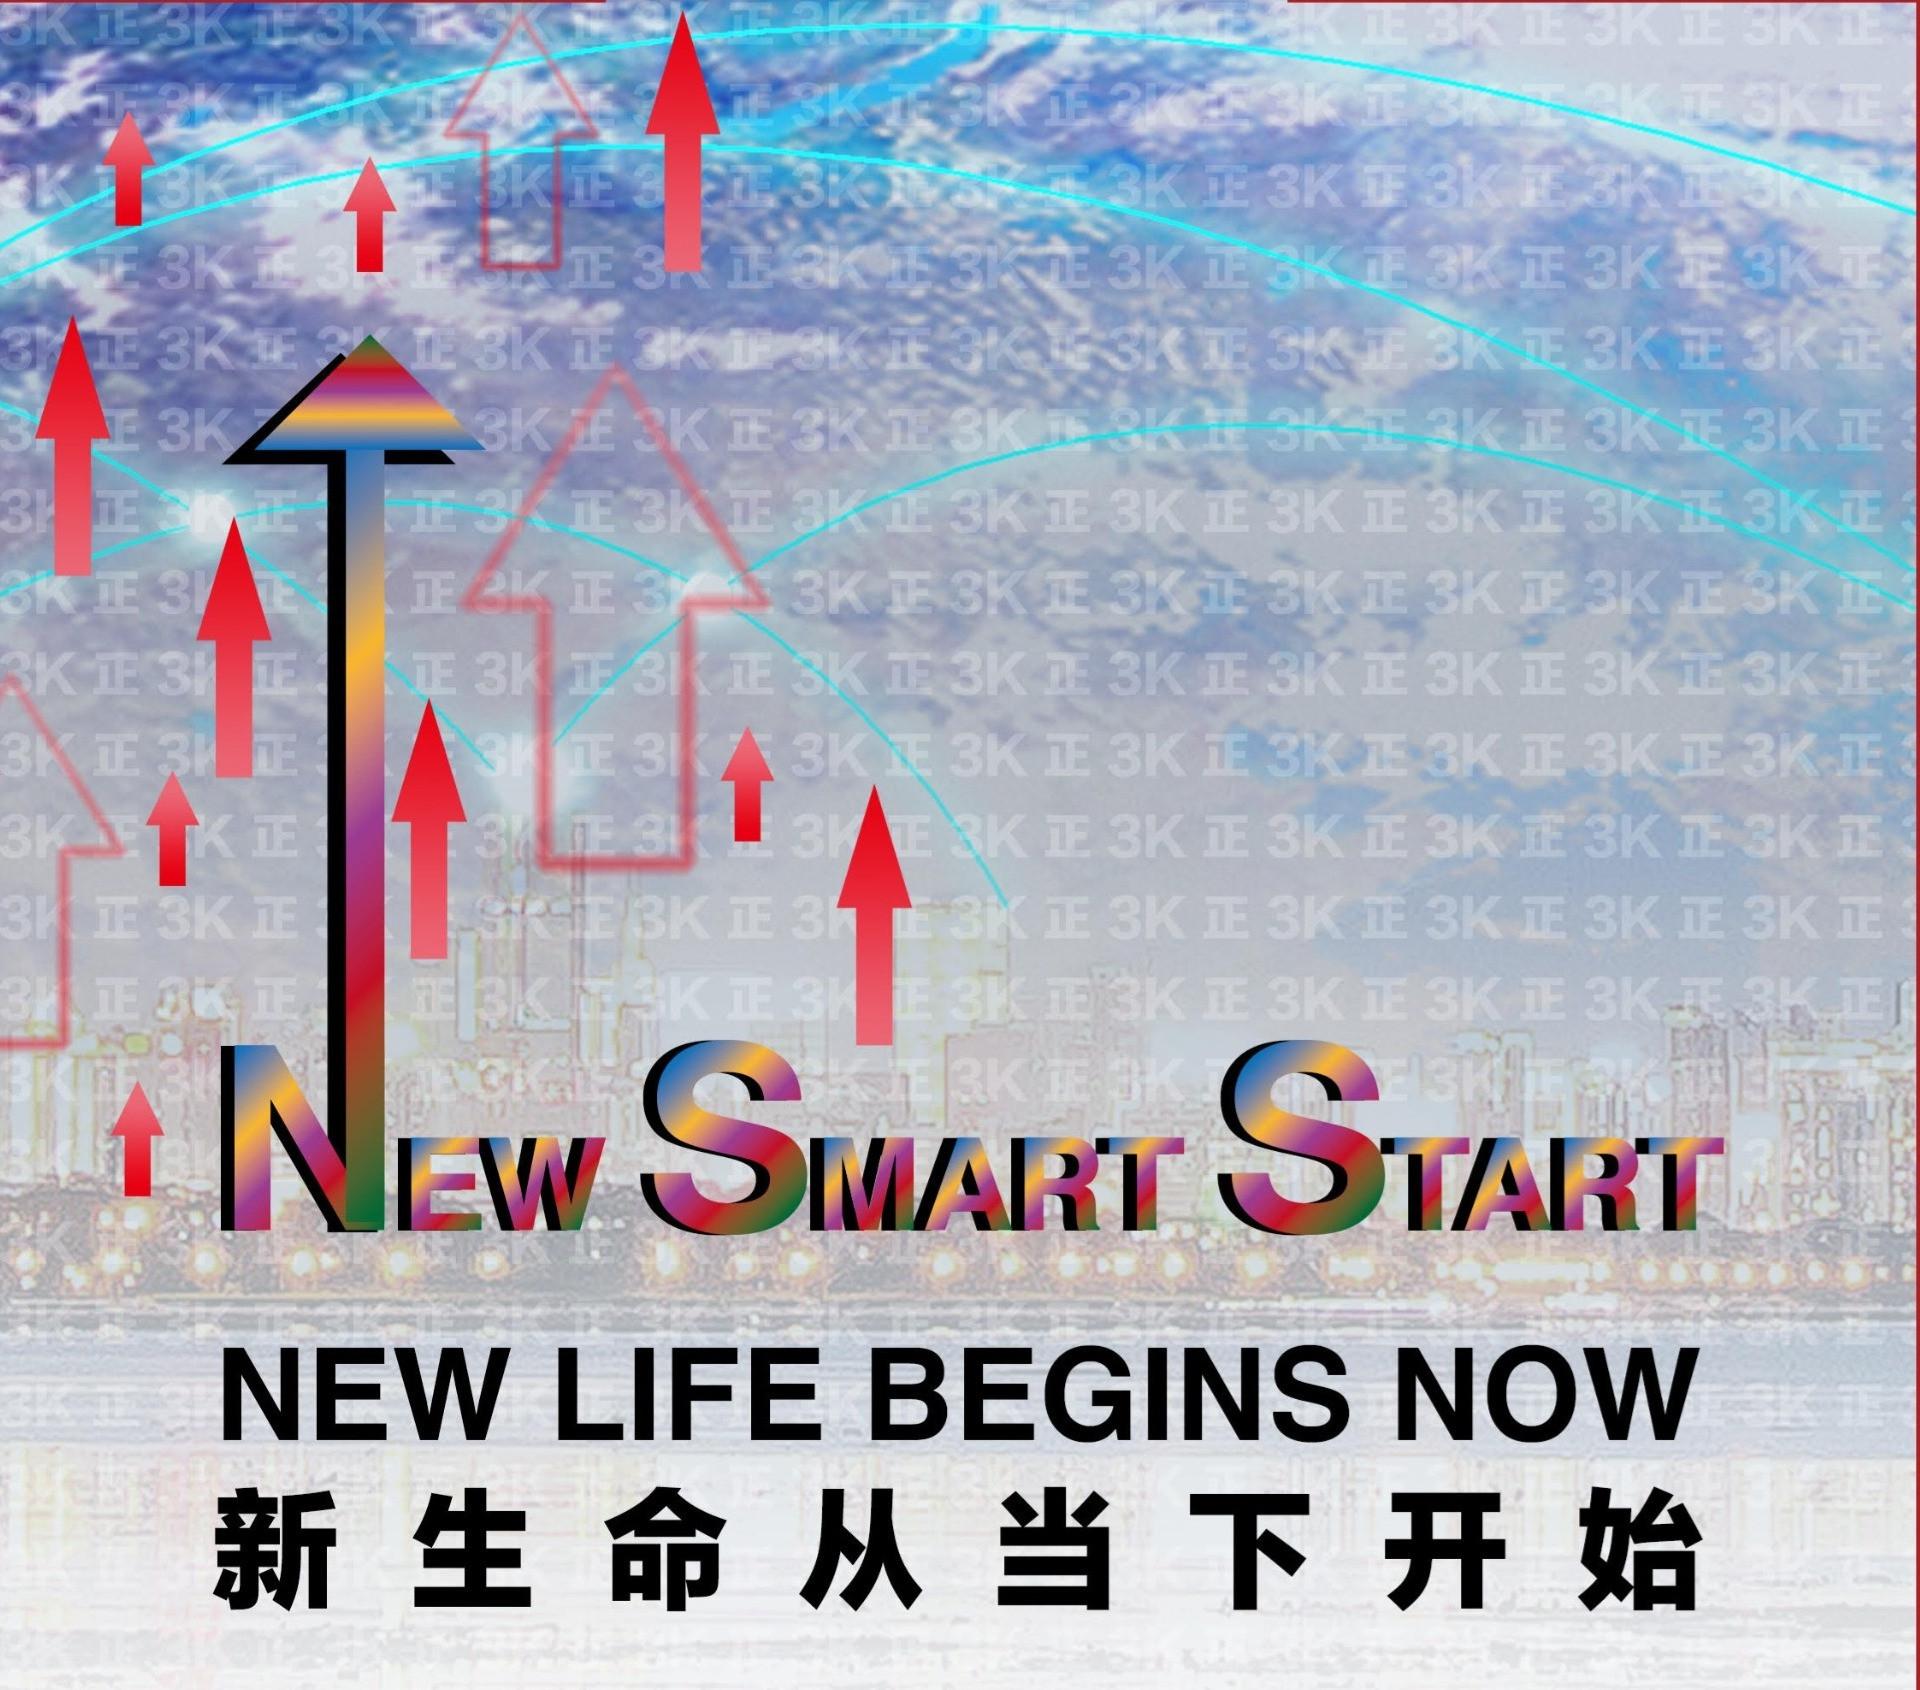 NSS NEW SMART START